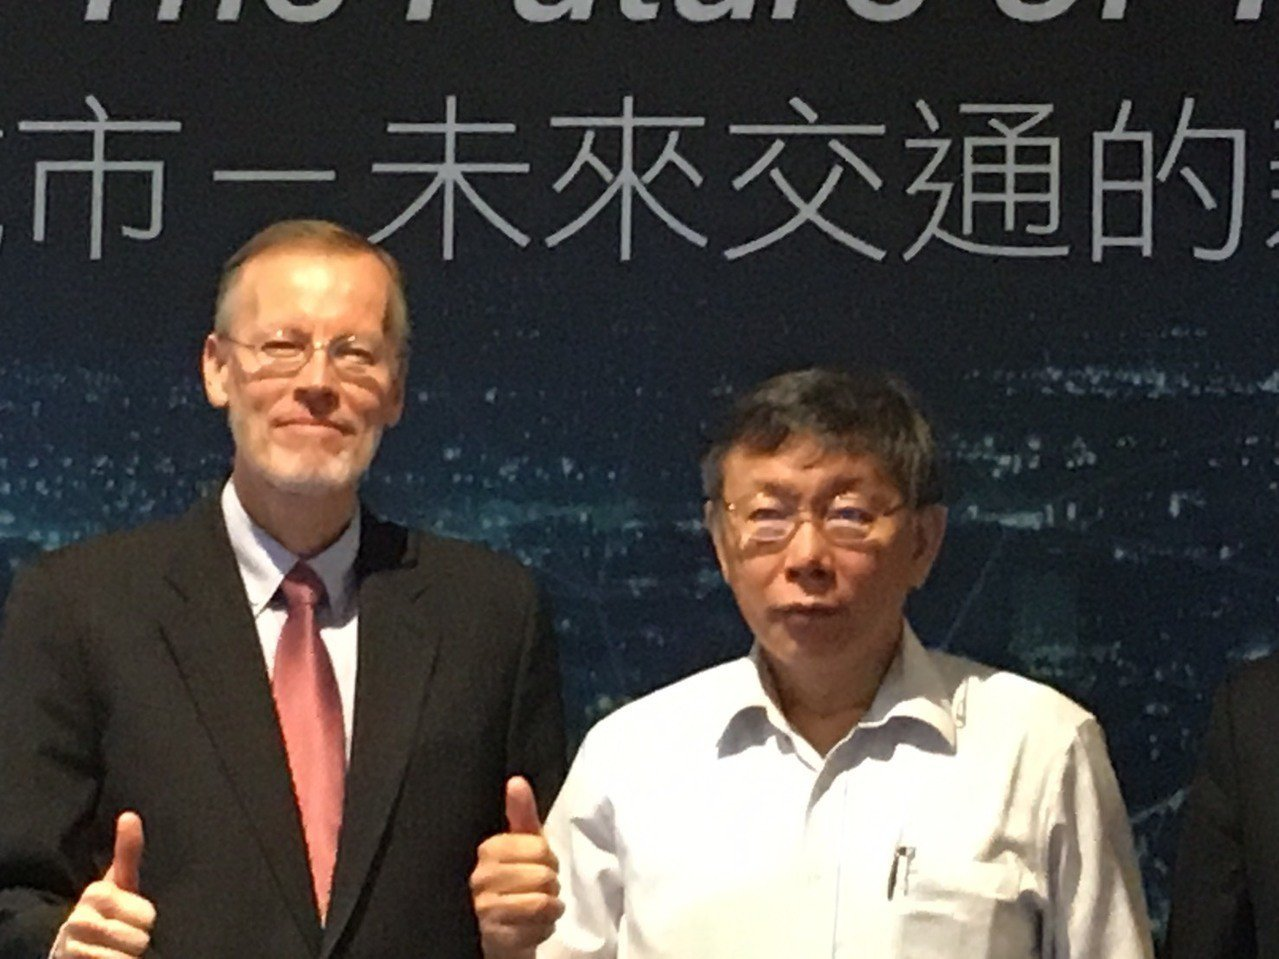 美國在台協會處長酈英傑今天表示,美國和台灣擁有高度互惠的投資關係;美國是台灣最大...